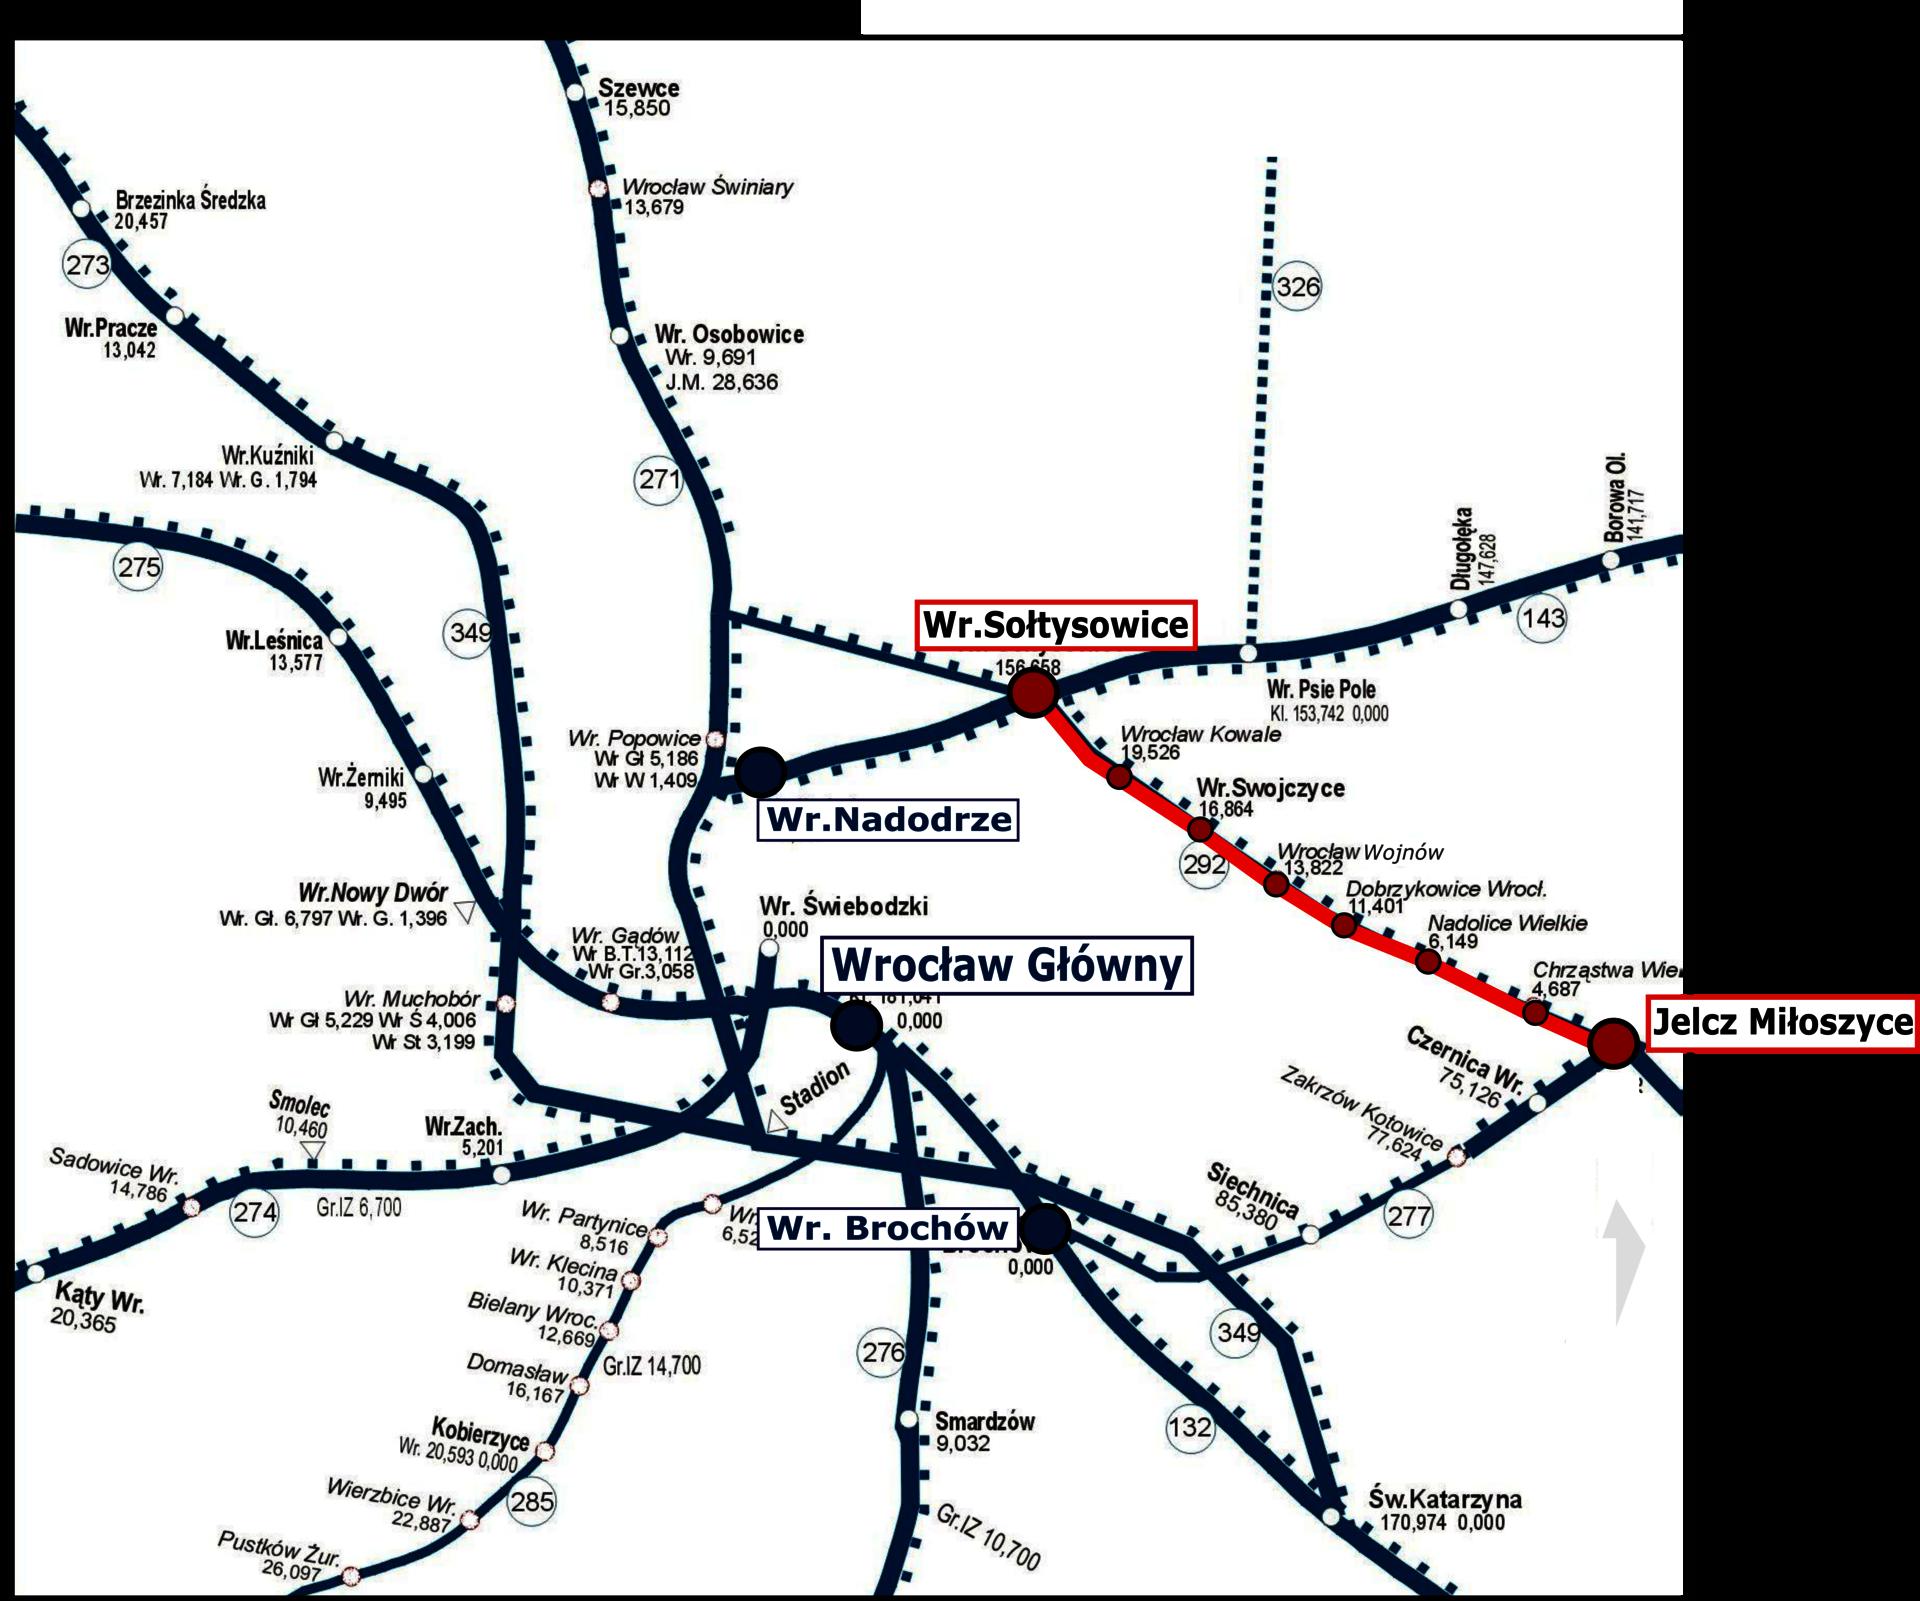 NaKolei.pl - W 2020 roku odnowiona będzie trasa Jelcz-Wrocław. Inwestycję podzielono na dwie części